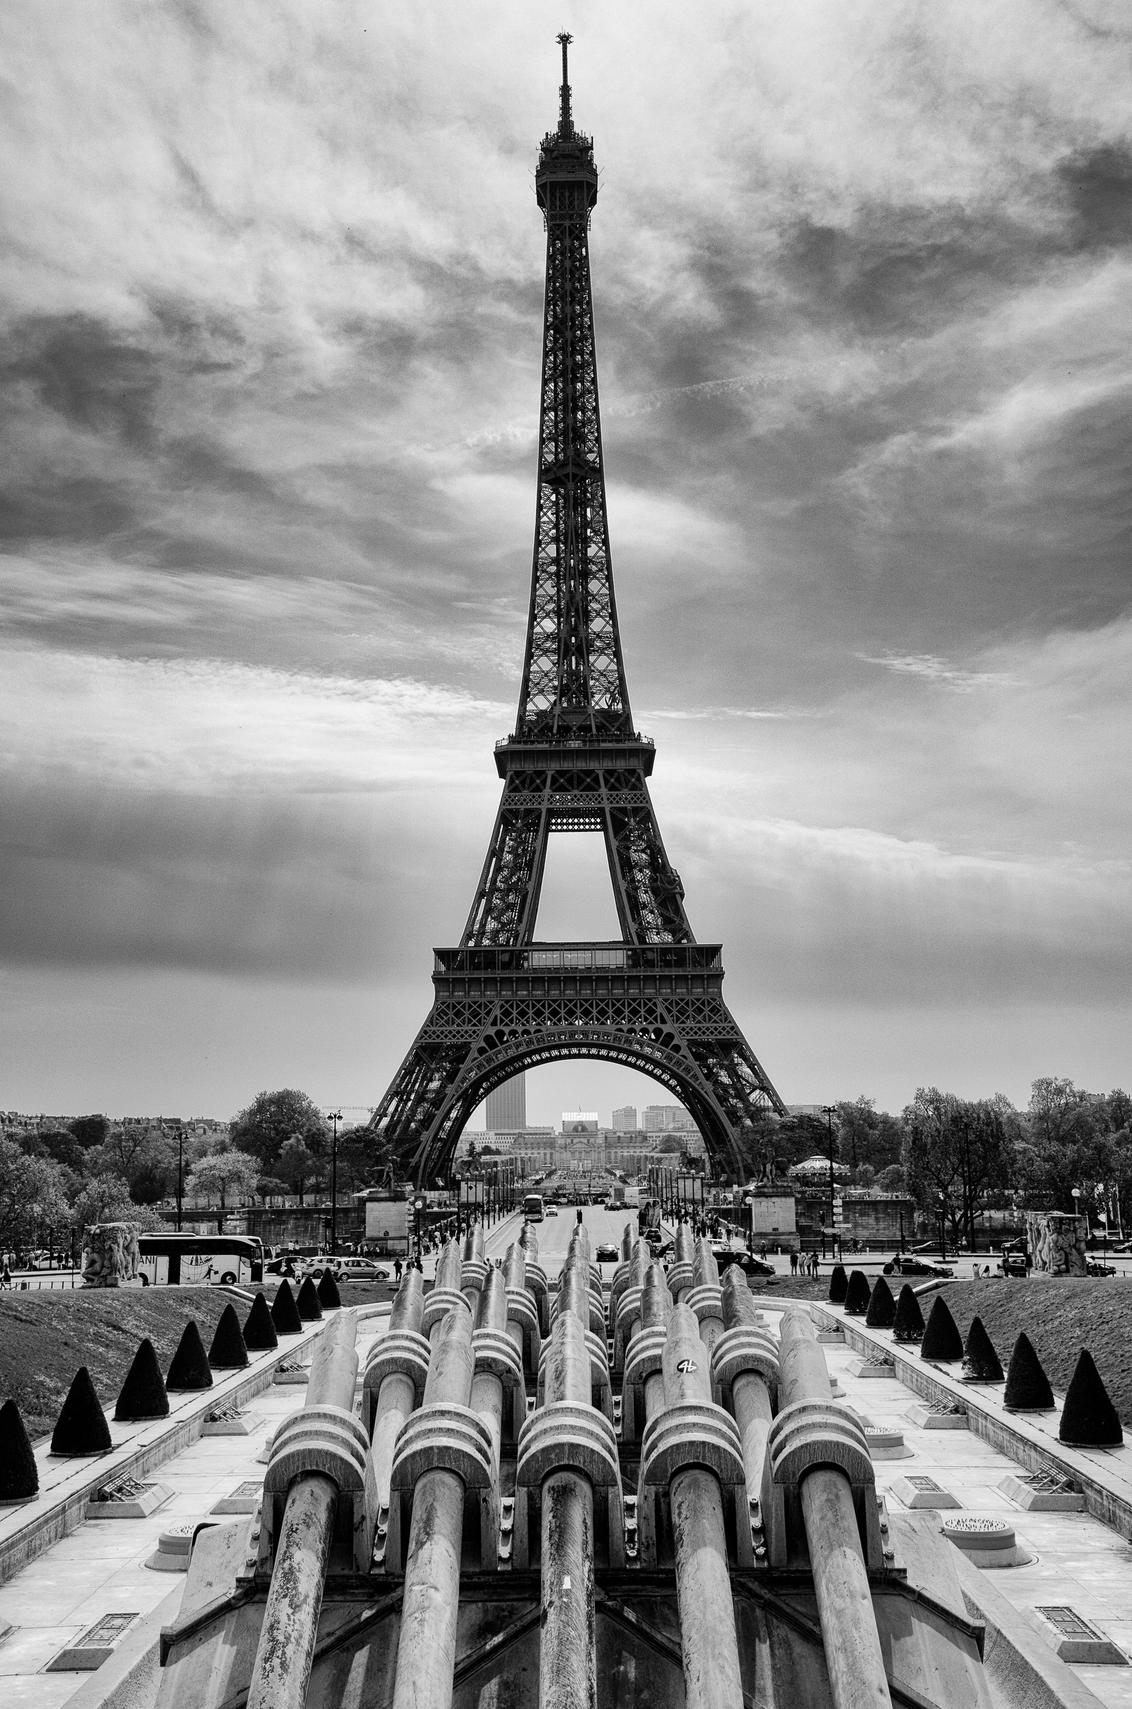 Parijs Zwart-wit (5) - Weekend in Parijs - foto door Canard op 01-05-2018